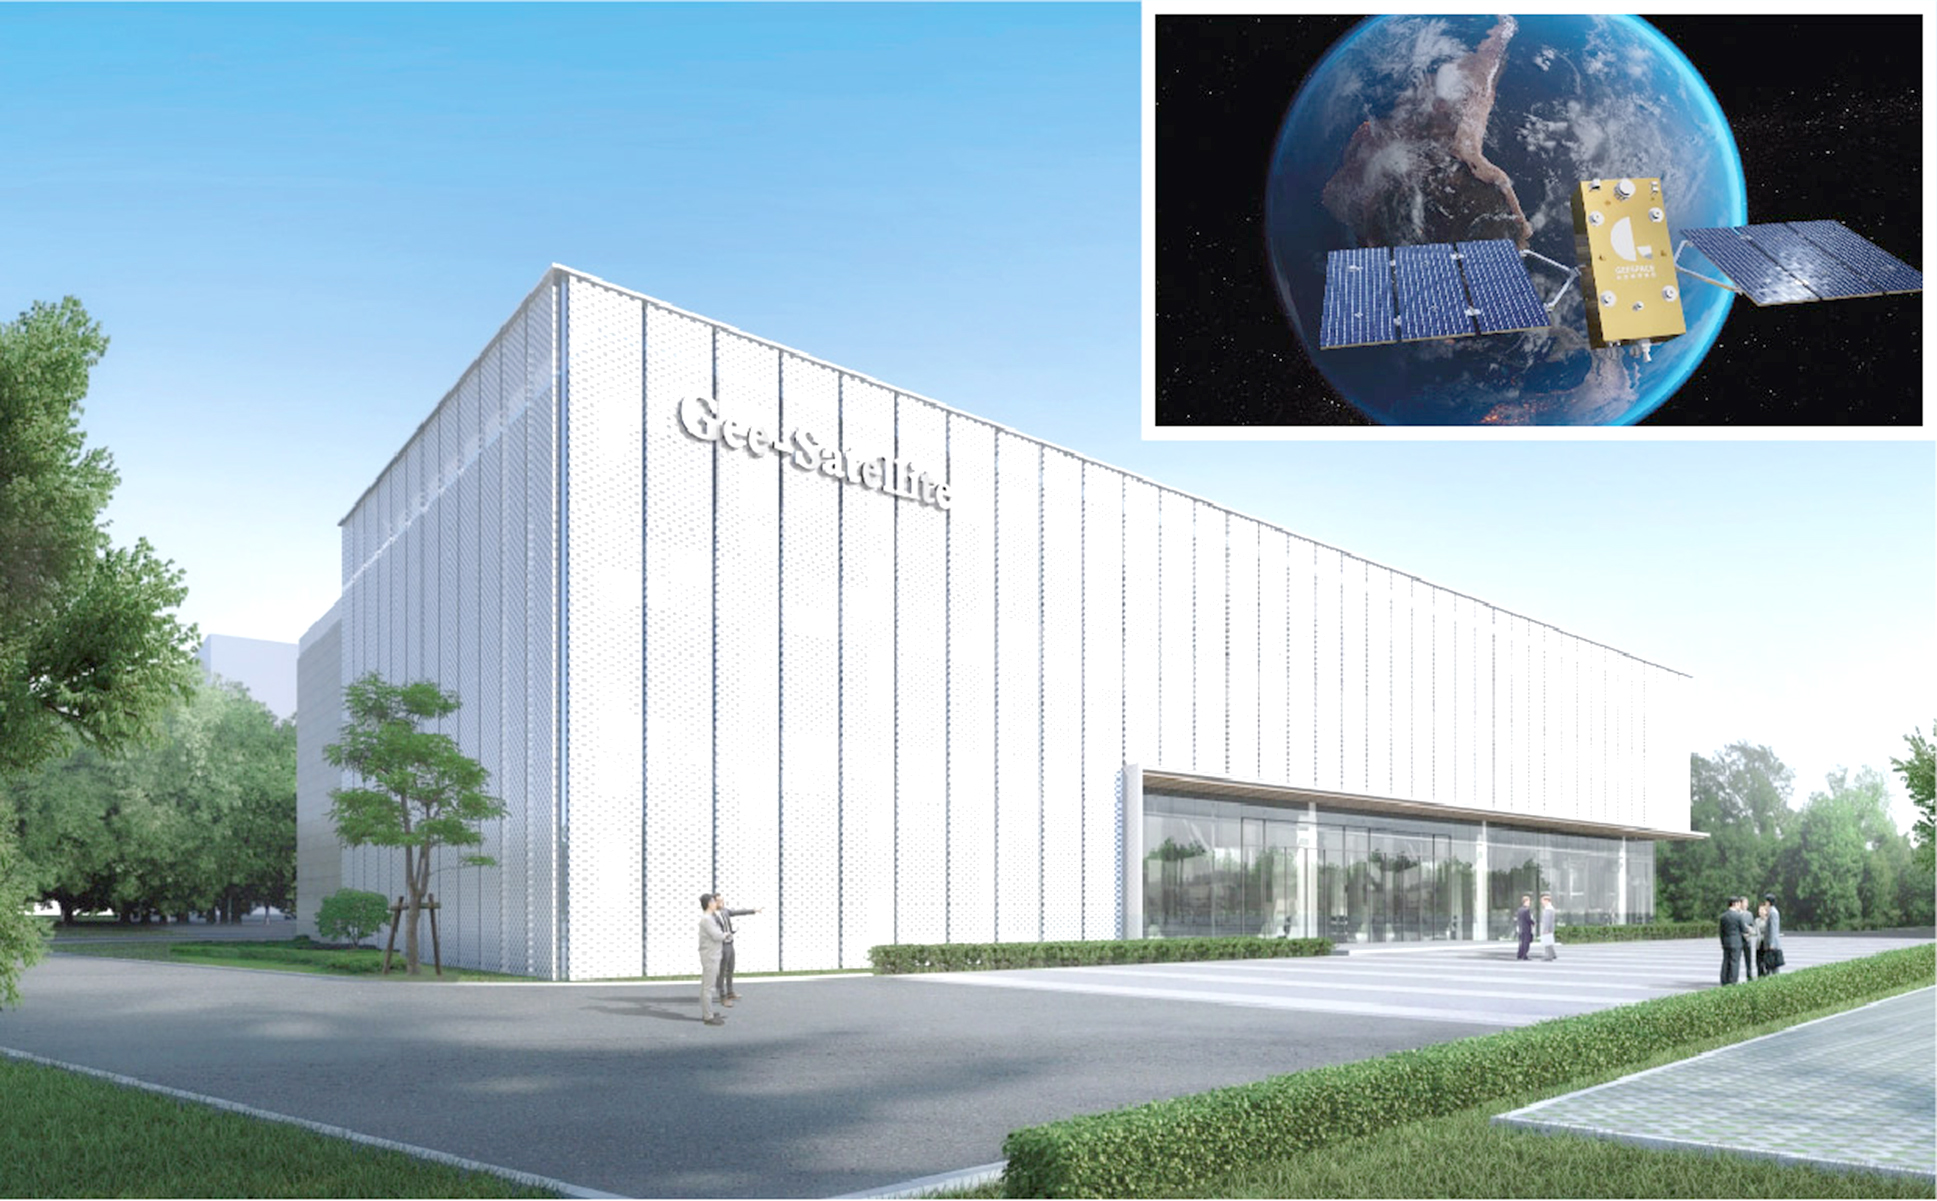 جيلي تشحن أول قمرين صناعيين إلى مركز جيوغوان لإطلاق الأقمار الصناعية